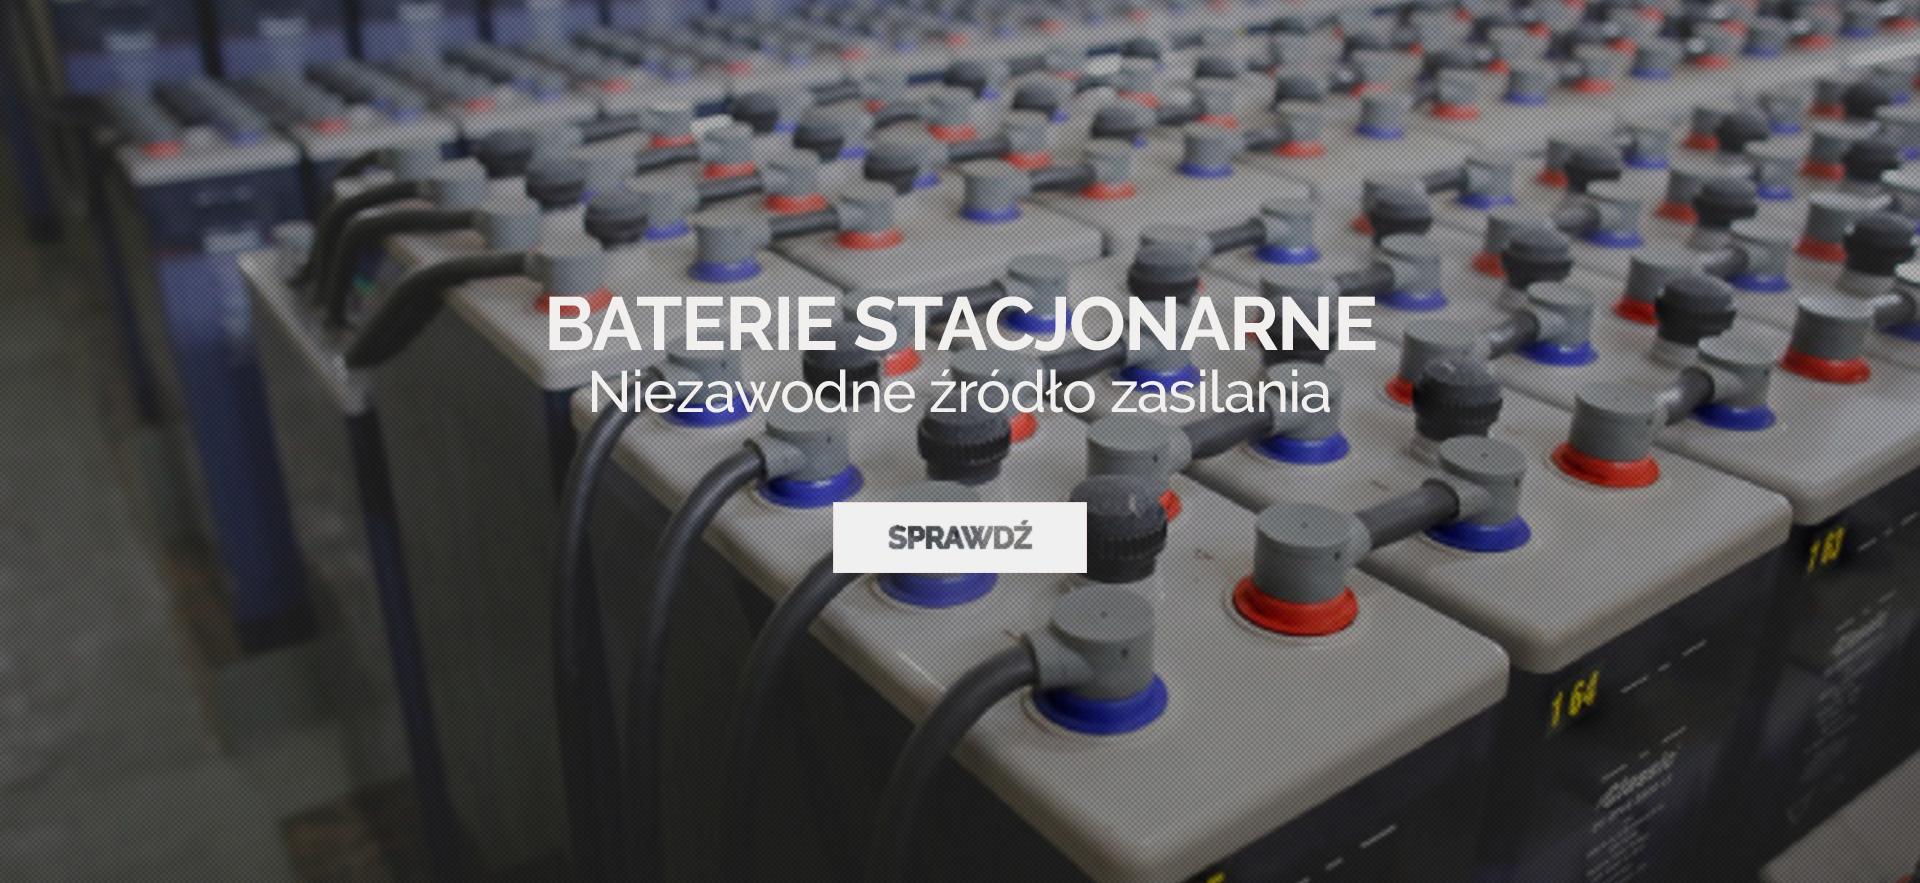 Baterie stacjonarne